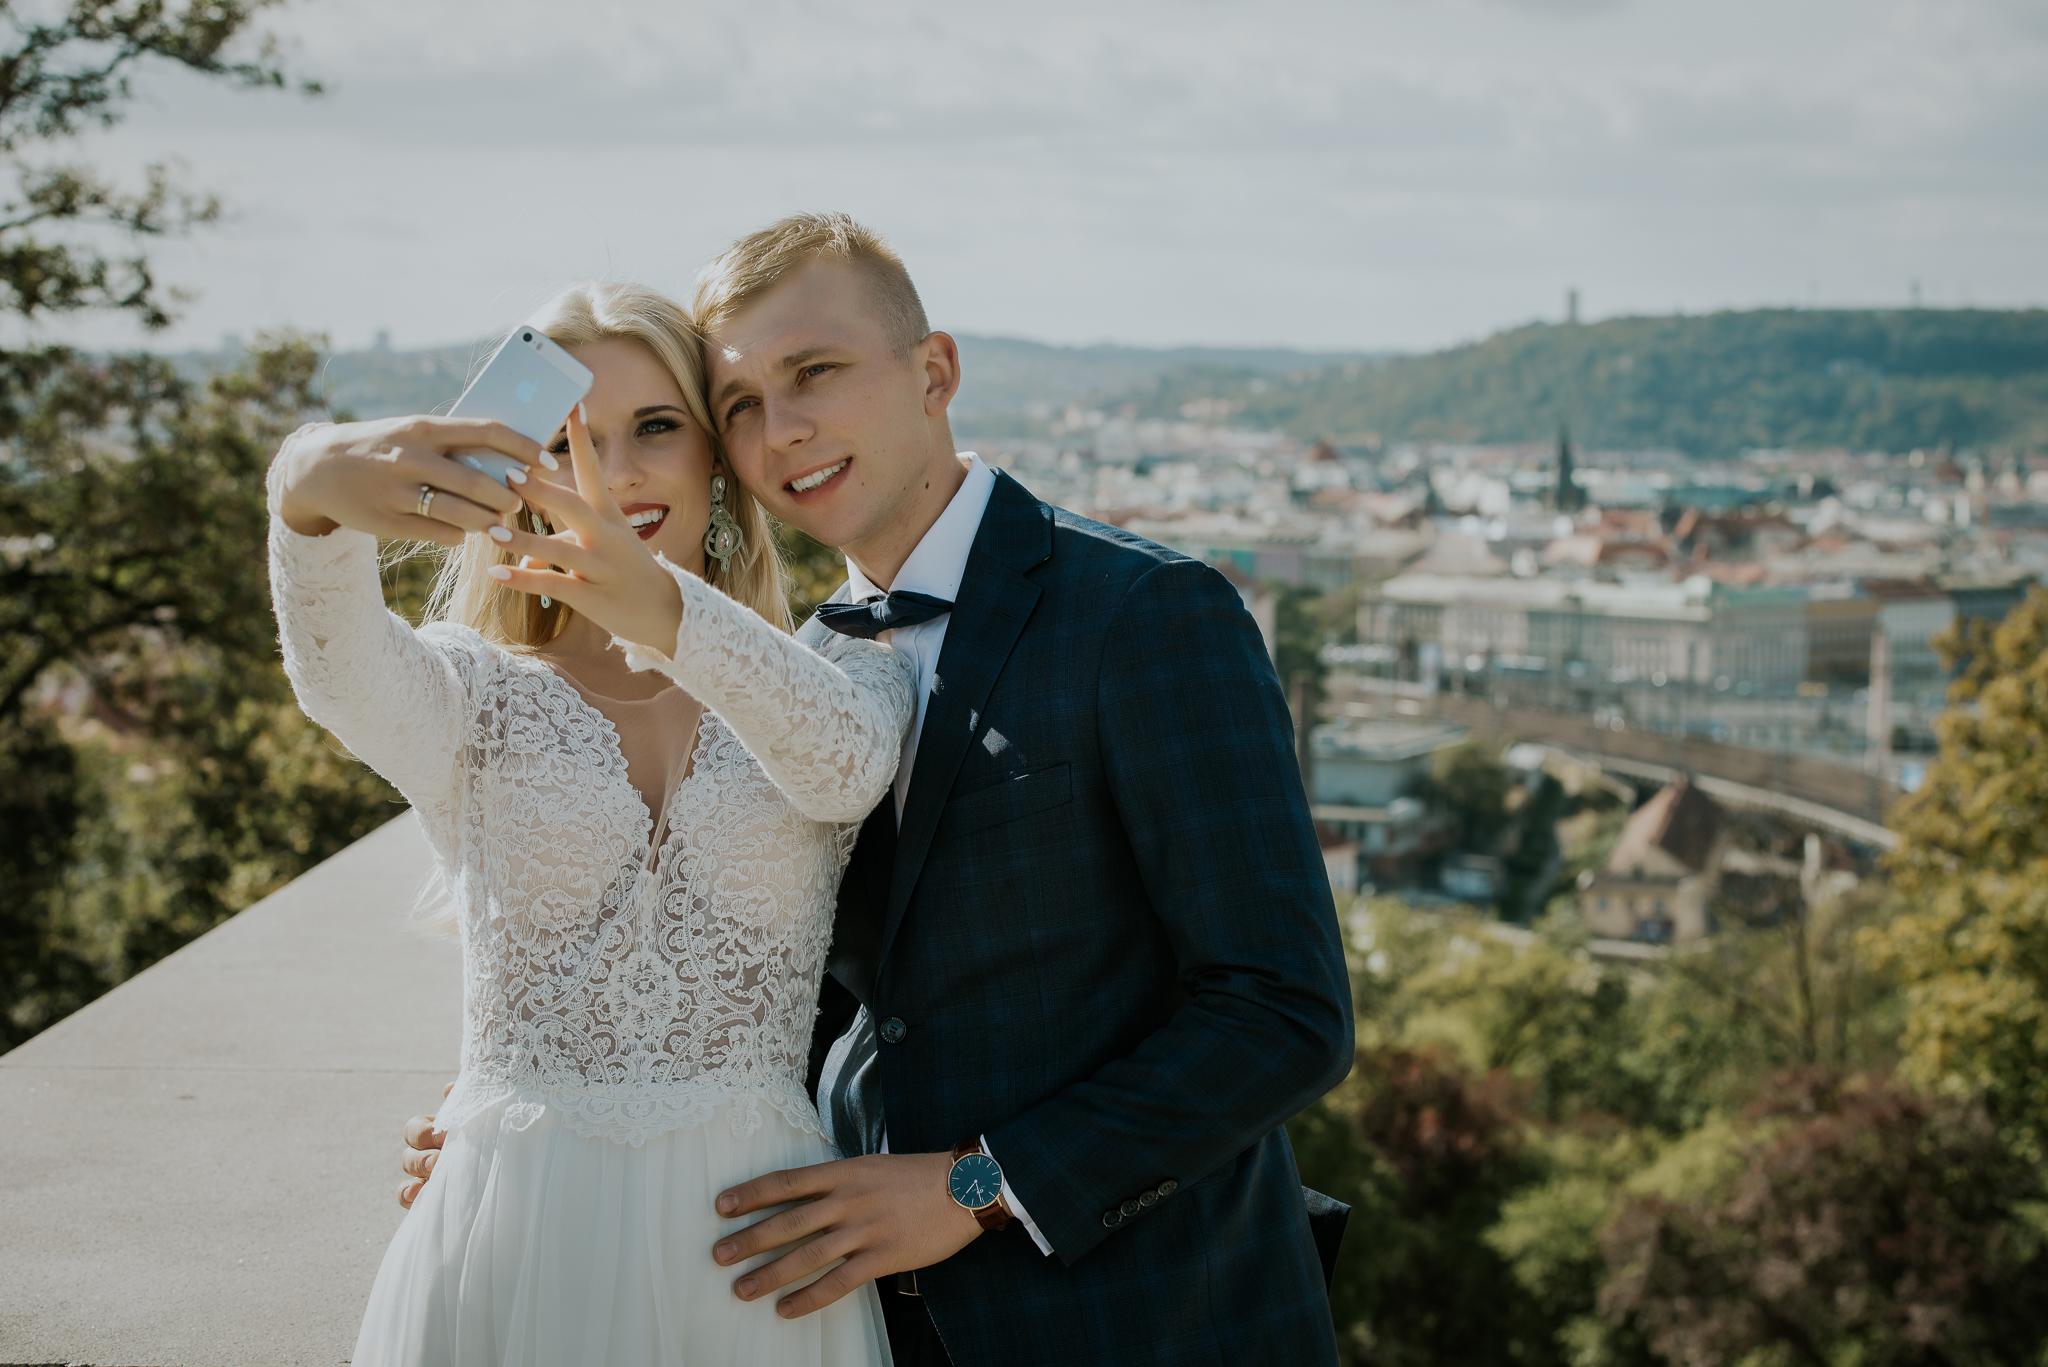 0671_Sara&Sebastian________sesja_poslubna_czechy_praga_most_karola_hradczany_fotografia_slubna_www_amfoto_pl_DSC_2077.jpg